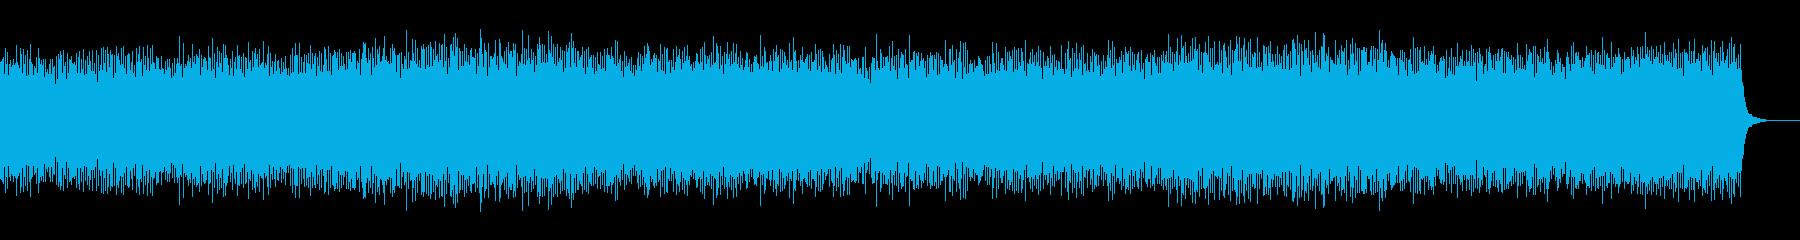 Idealの再生済みの波形